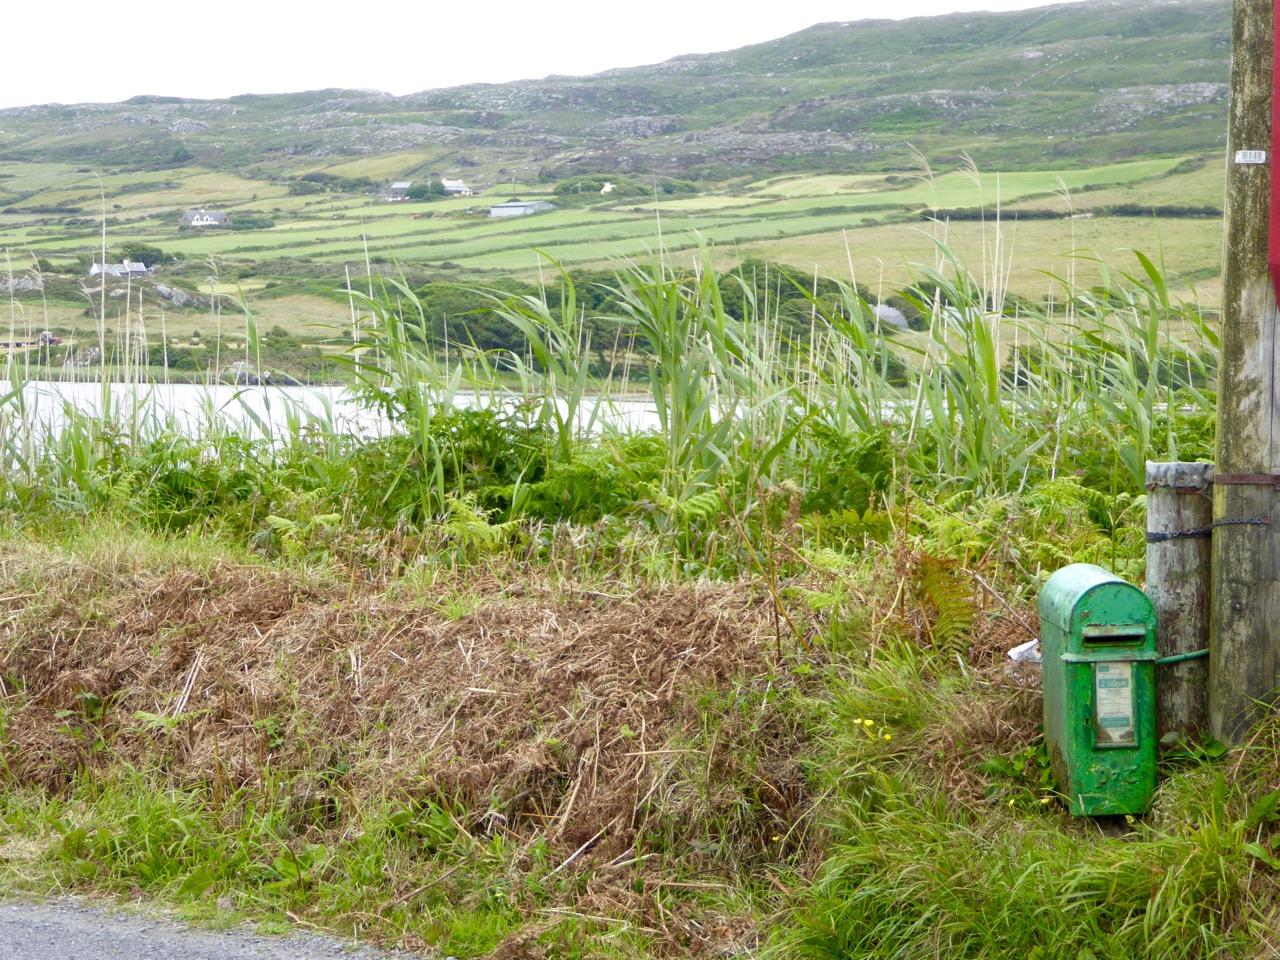 Post box near Barleycove